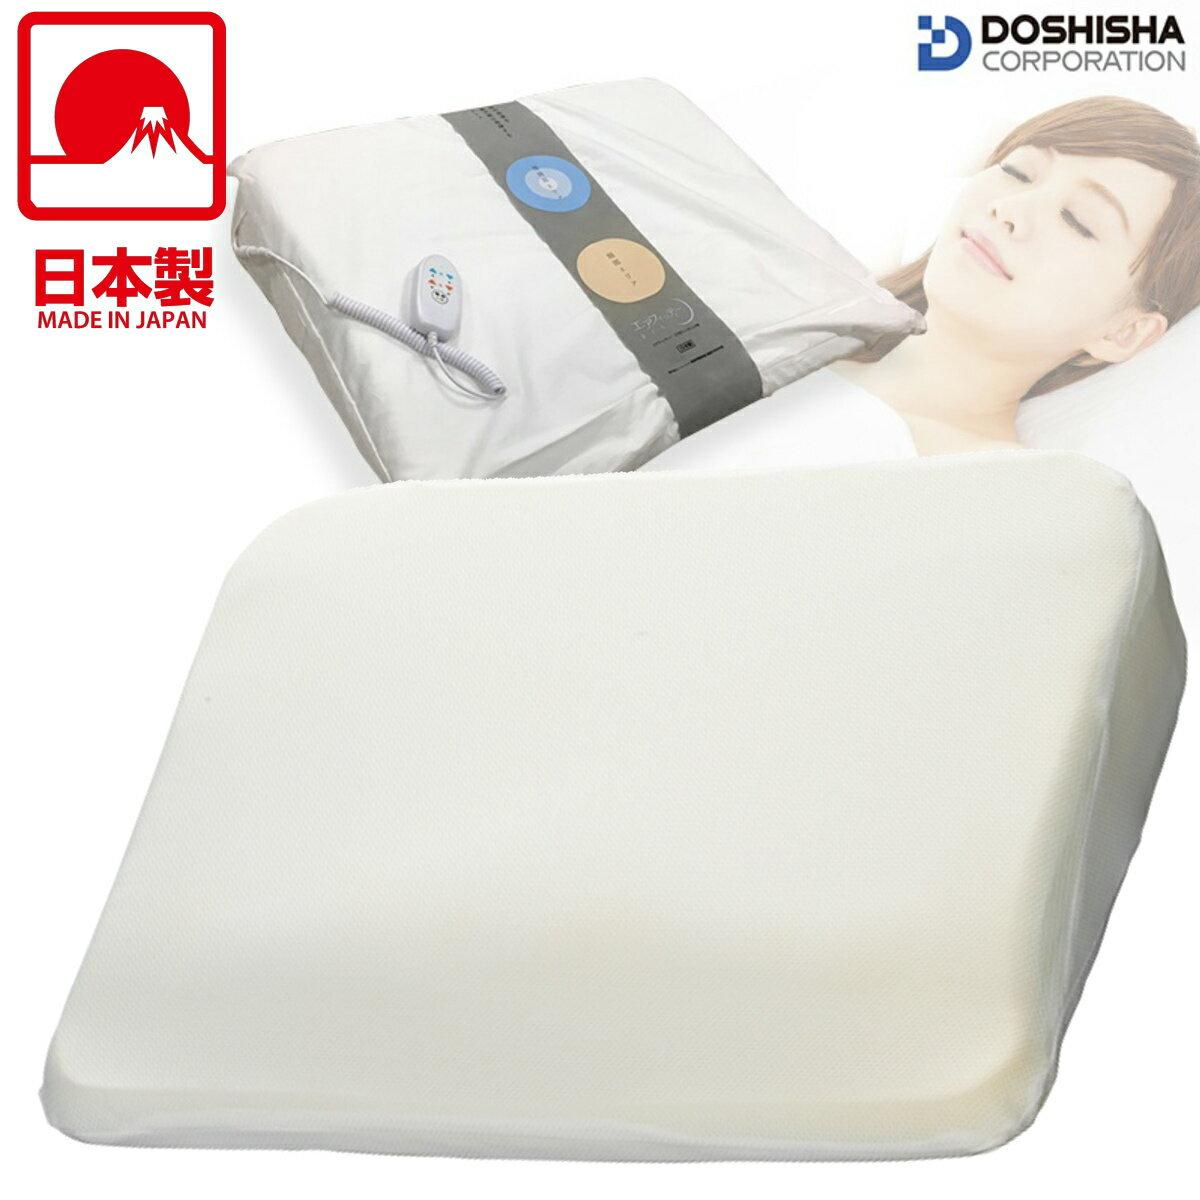 【あす楽】ドウシシャ睡眠科学研究室 | 高さ調節枕 DAP-1601 | エア式まくら エアフィッティー | エアフィット枕 | 電動枕 メディカル枕